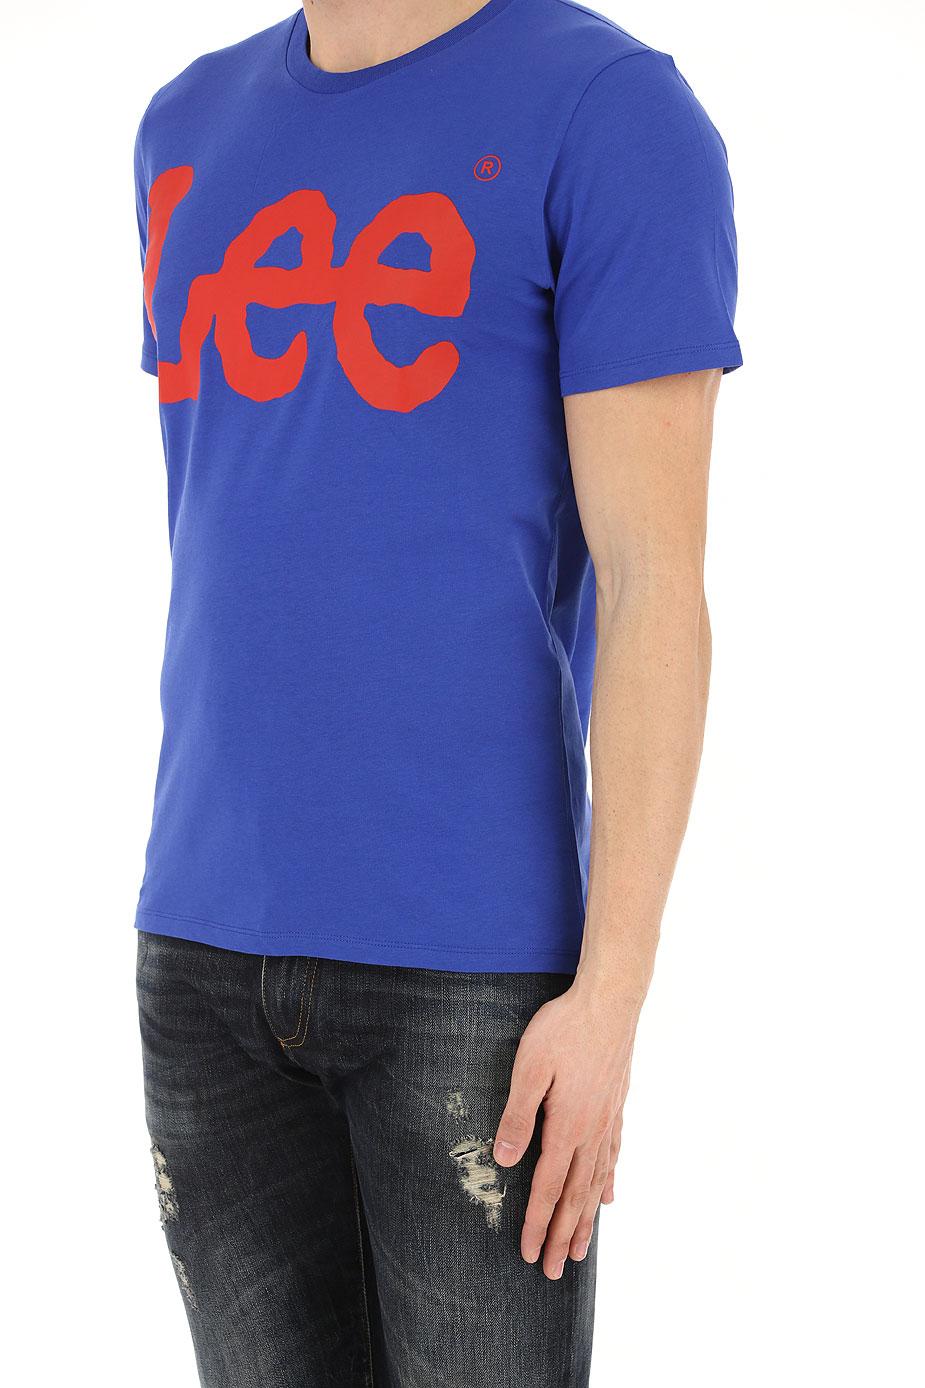 Abbigliamento Uomo Lee, Codice Articolo: l62aaied--